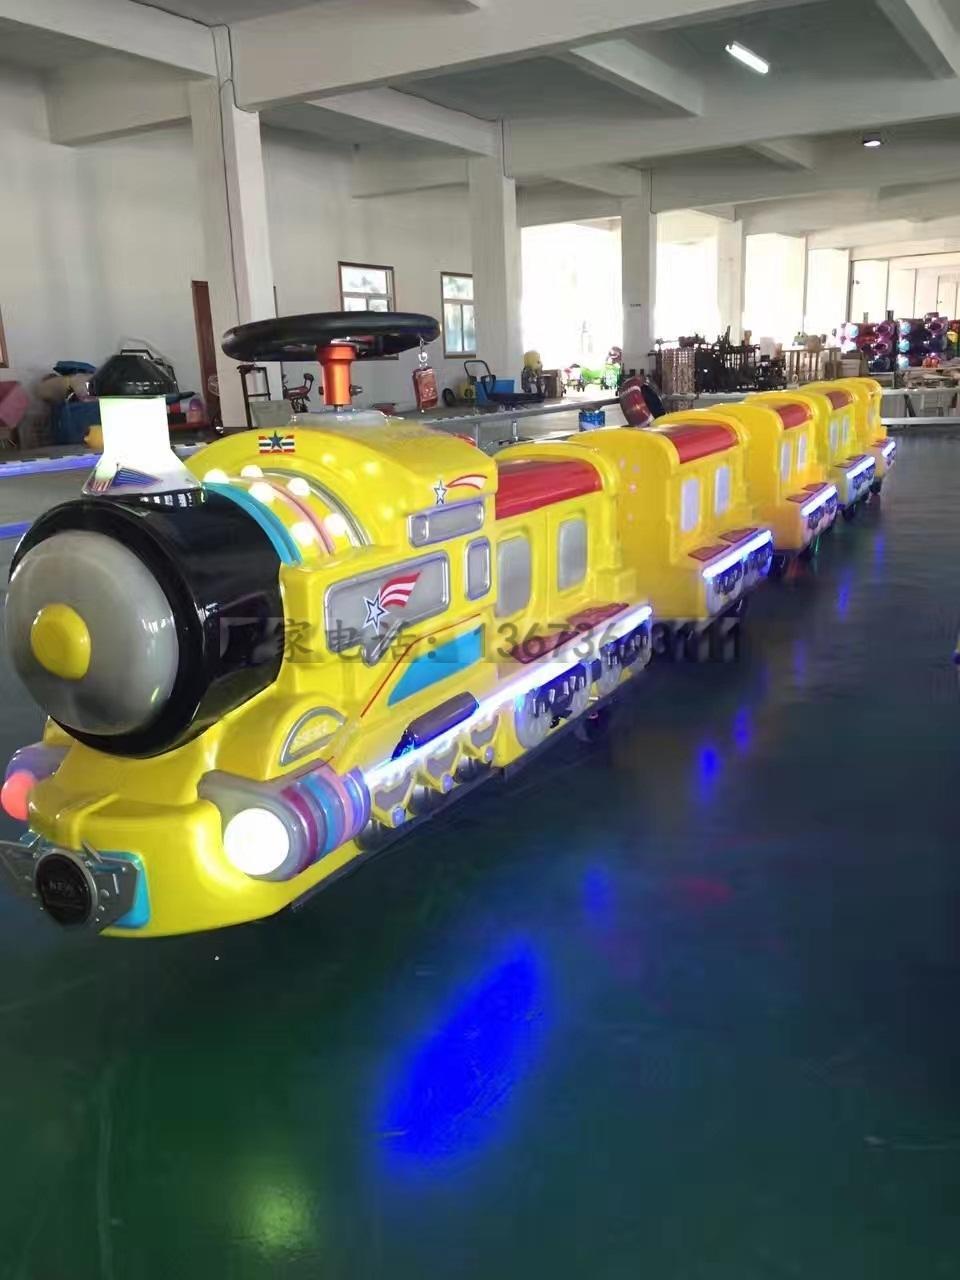 2020 郑州大洋源头厂家供应无轨海洋观光火车 公园卡通造型海洋小火车示例图43